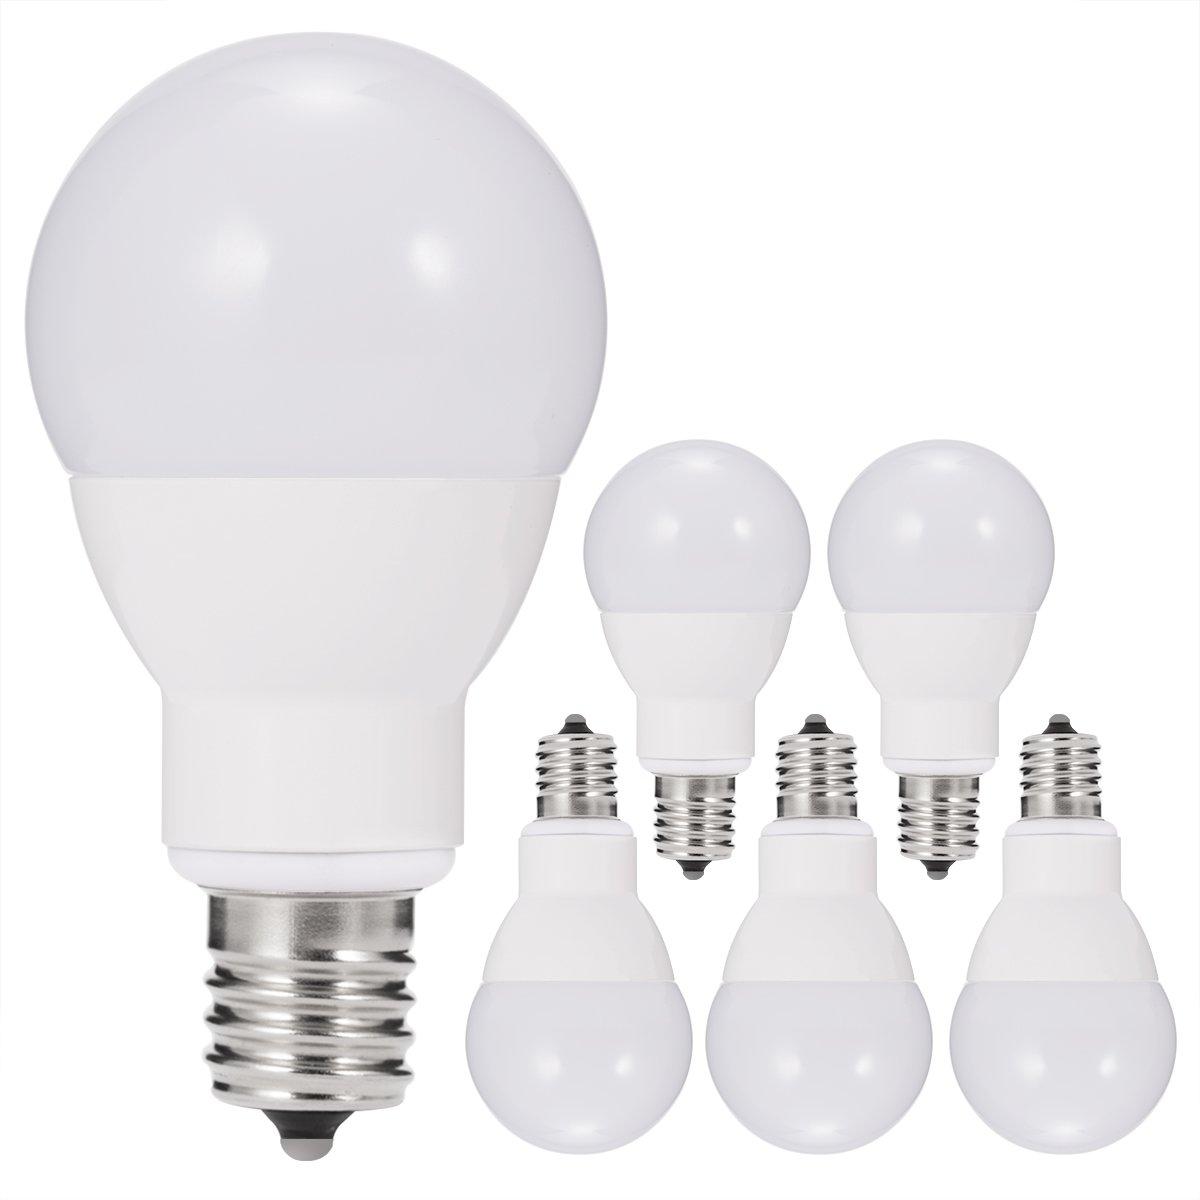 JandCase E17 Globe Light Bulbs, 40W Equivalent, 5W, 450 Lumens, Soft White 3000K, Slender G14 LED Bulbs for Ceiling Fan, Headboard Reading Light, Intermediate E17 Base, 6 Pack